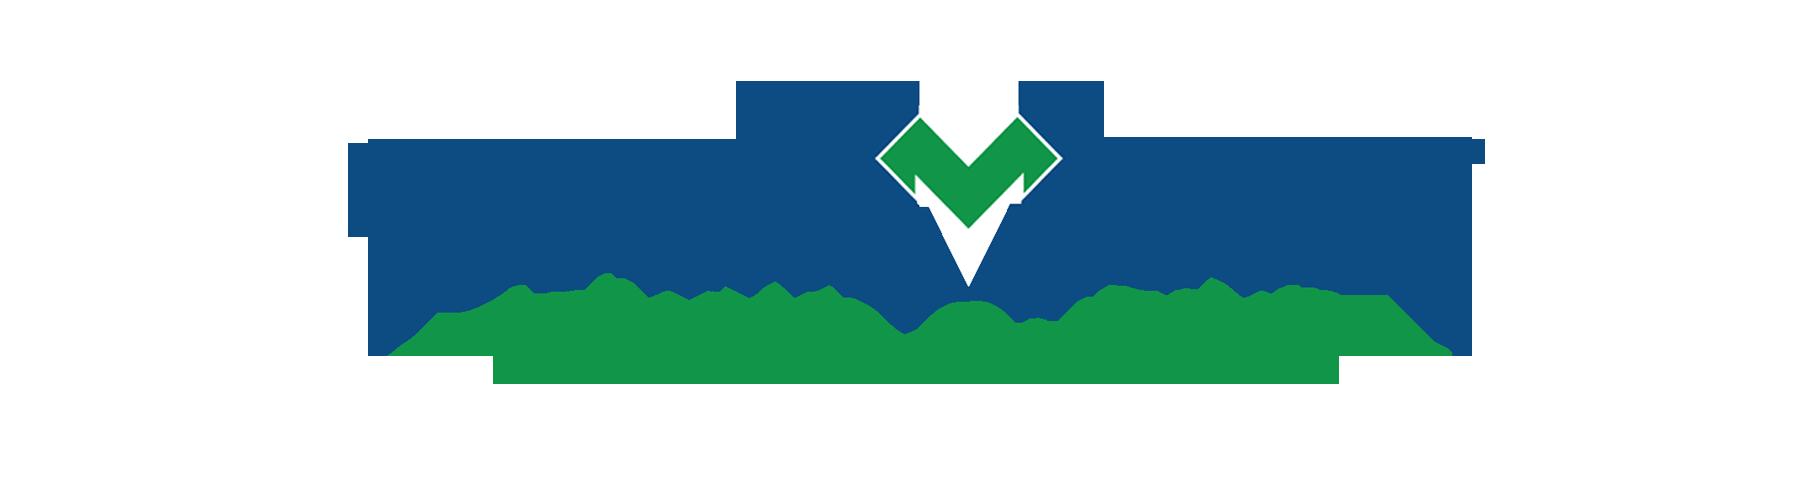 سوبر ام سوفت مؤسسة تقنية متكاملة متخصصة في تطوير البرامج وأنظمة الويب و تصميم وتطوير المواقع الإلكترونية و تطبيقات الهاتف و تصميم الهوية التجارية وأعمال الفيديوهات ترويجية